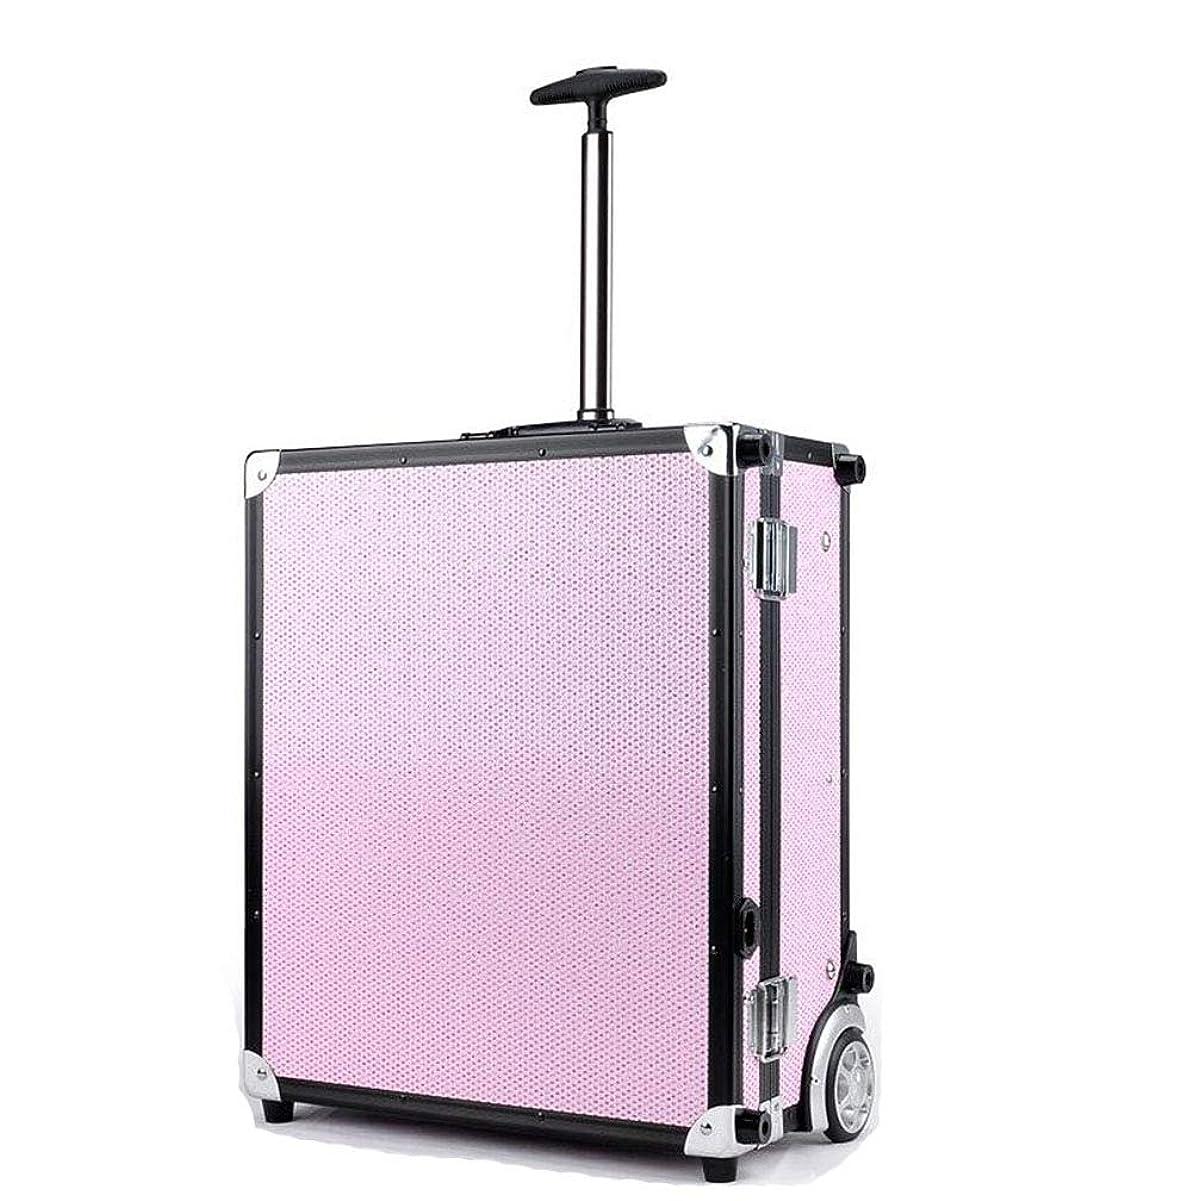 姿を消す自伝天井BUMC 化粧トロリーケース、大きい化粧化粧列車、LEDライト付き、ダイヤモンドオーガナイザーボックス収納付きプロフェッショナル多層化粧品ケース